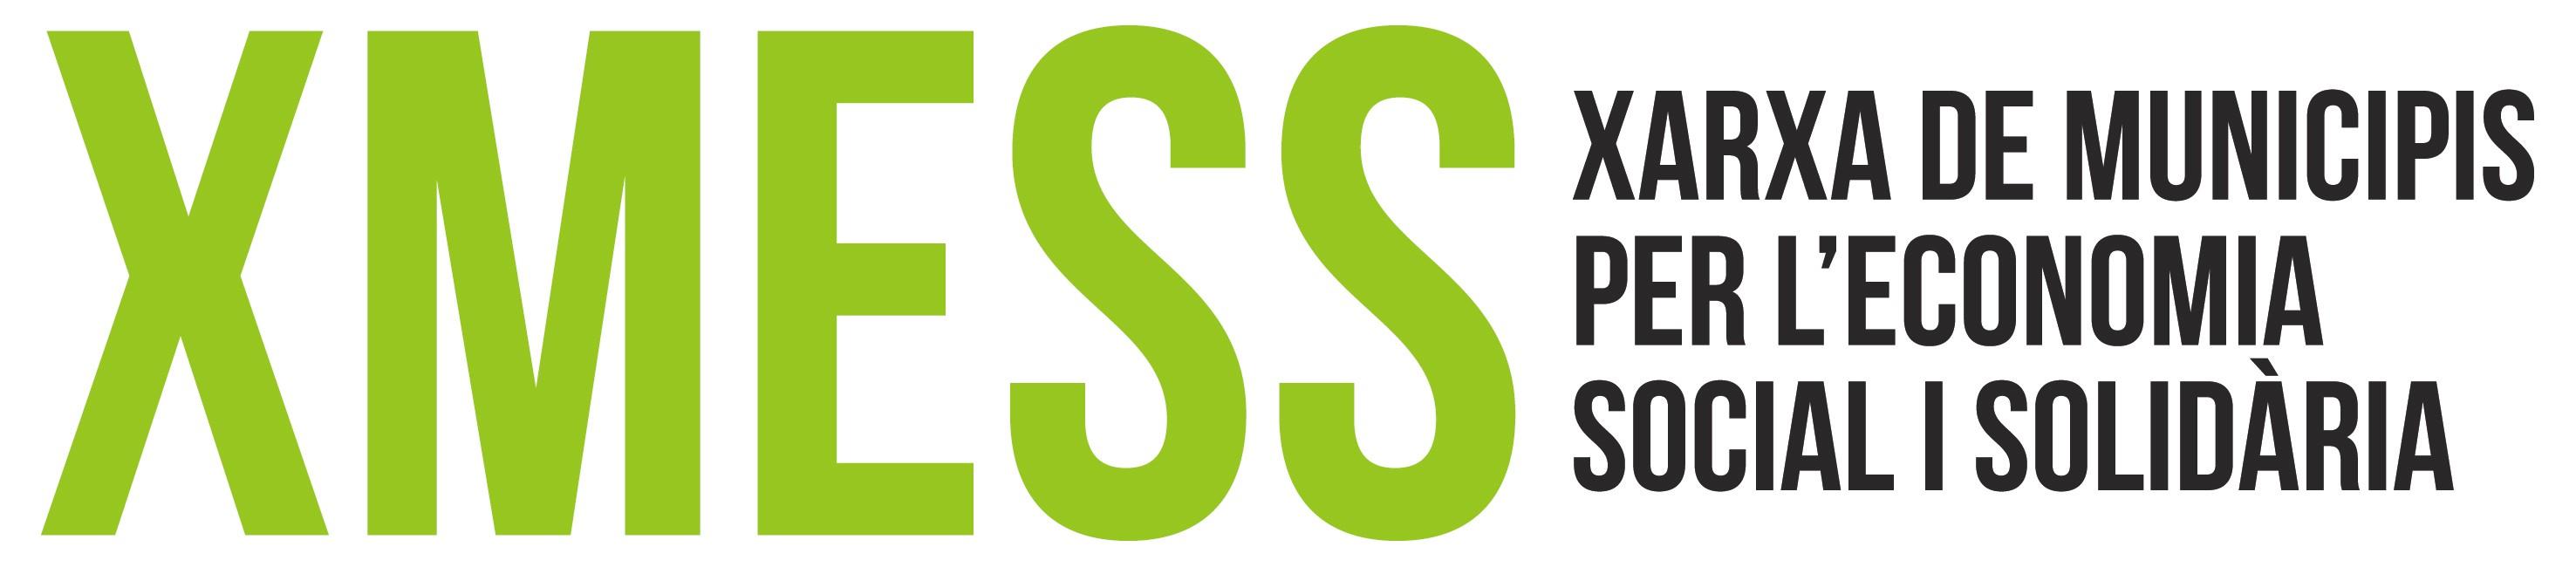 Xarxa de Municipis per l'Economia Social i Solidària (XMESS)